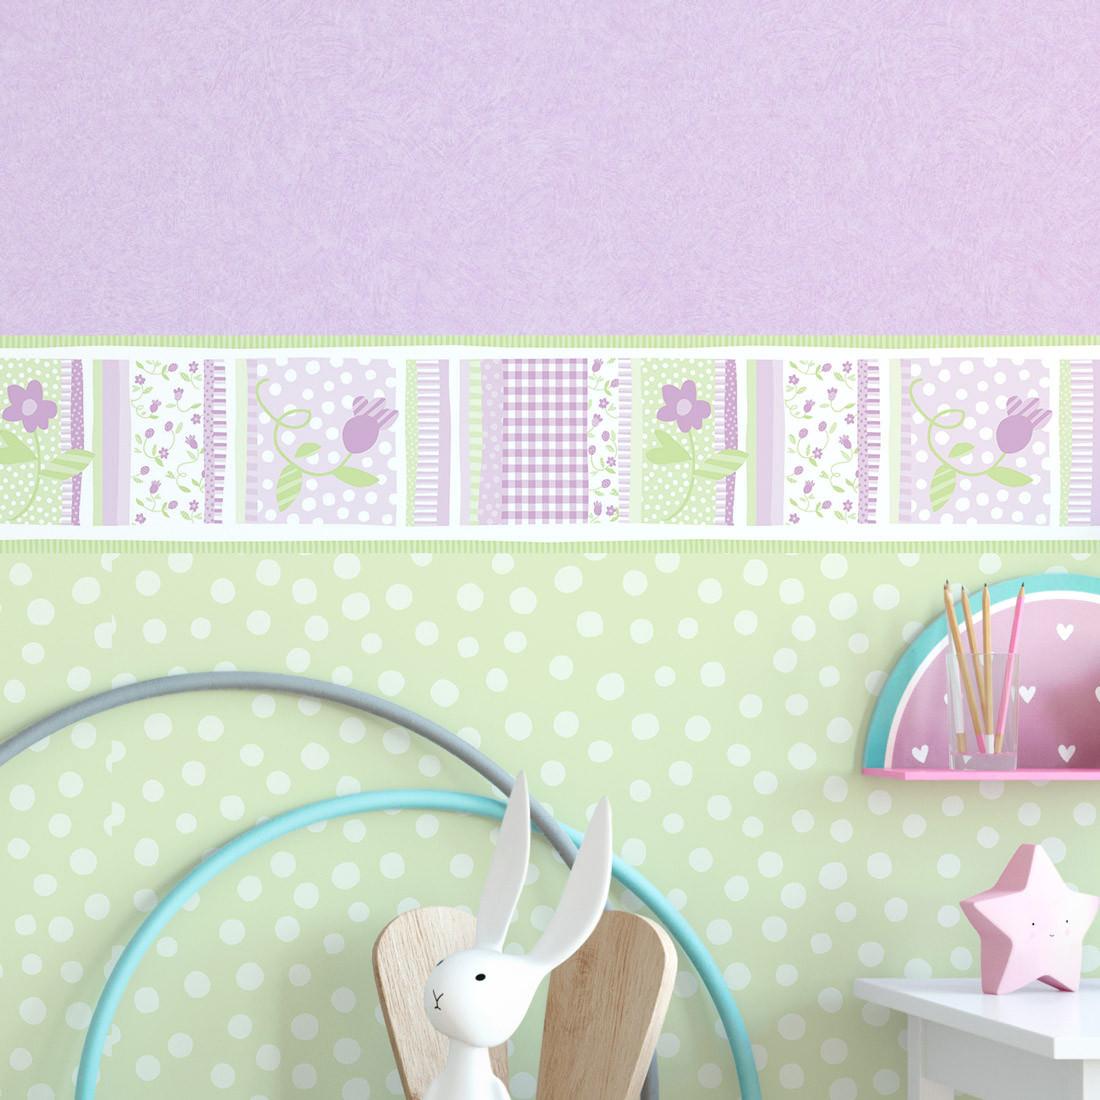 Faixa Decorativa Infantil Floral Delicado - Lilás - Nido